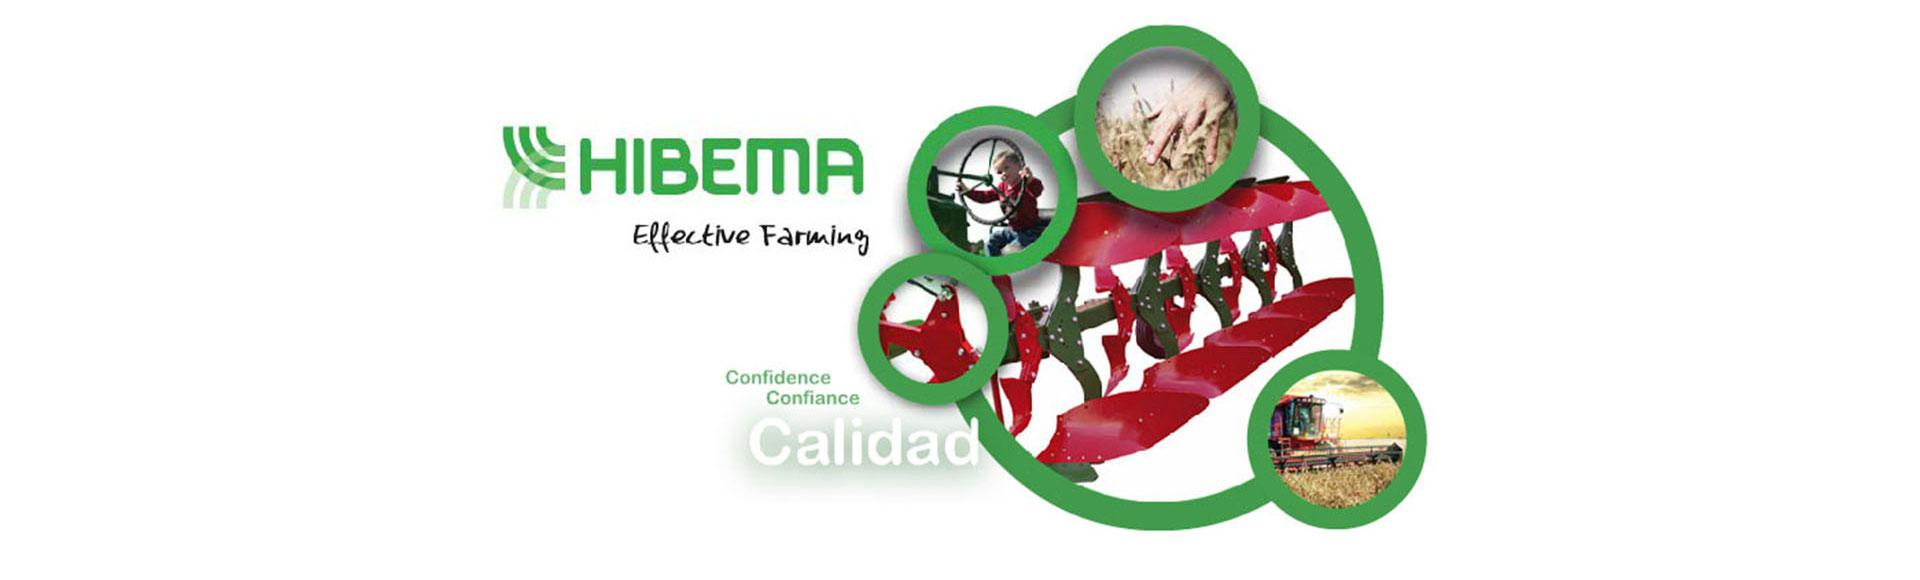 Hibema - Confianza y Calidad